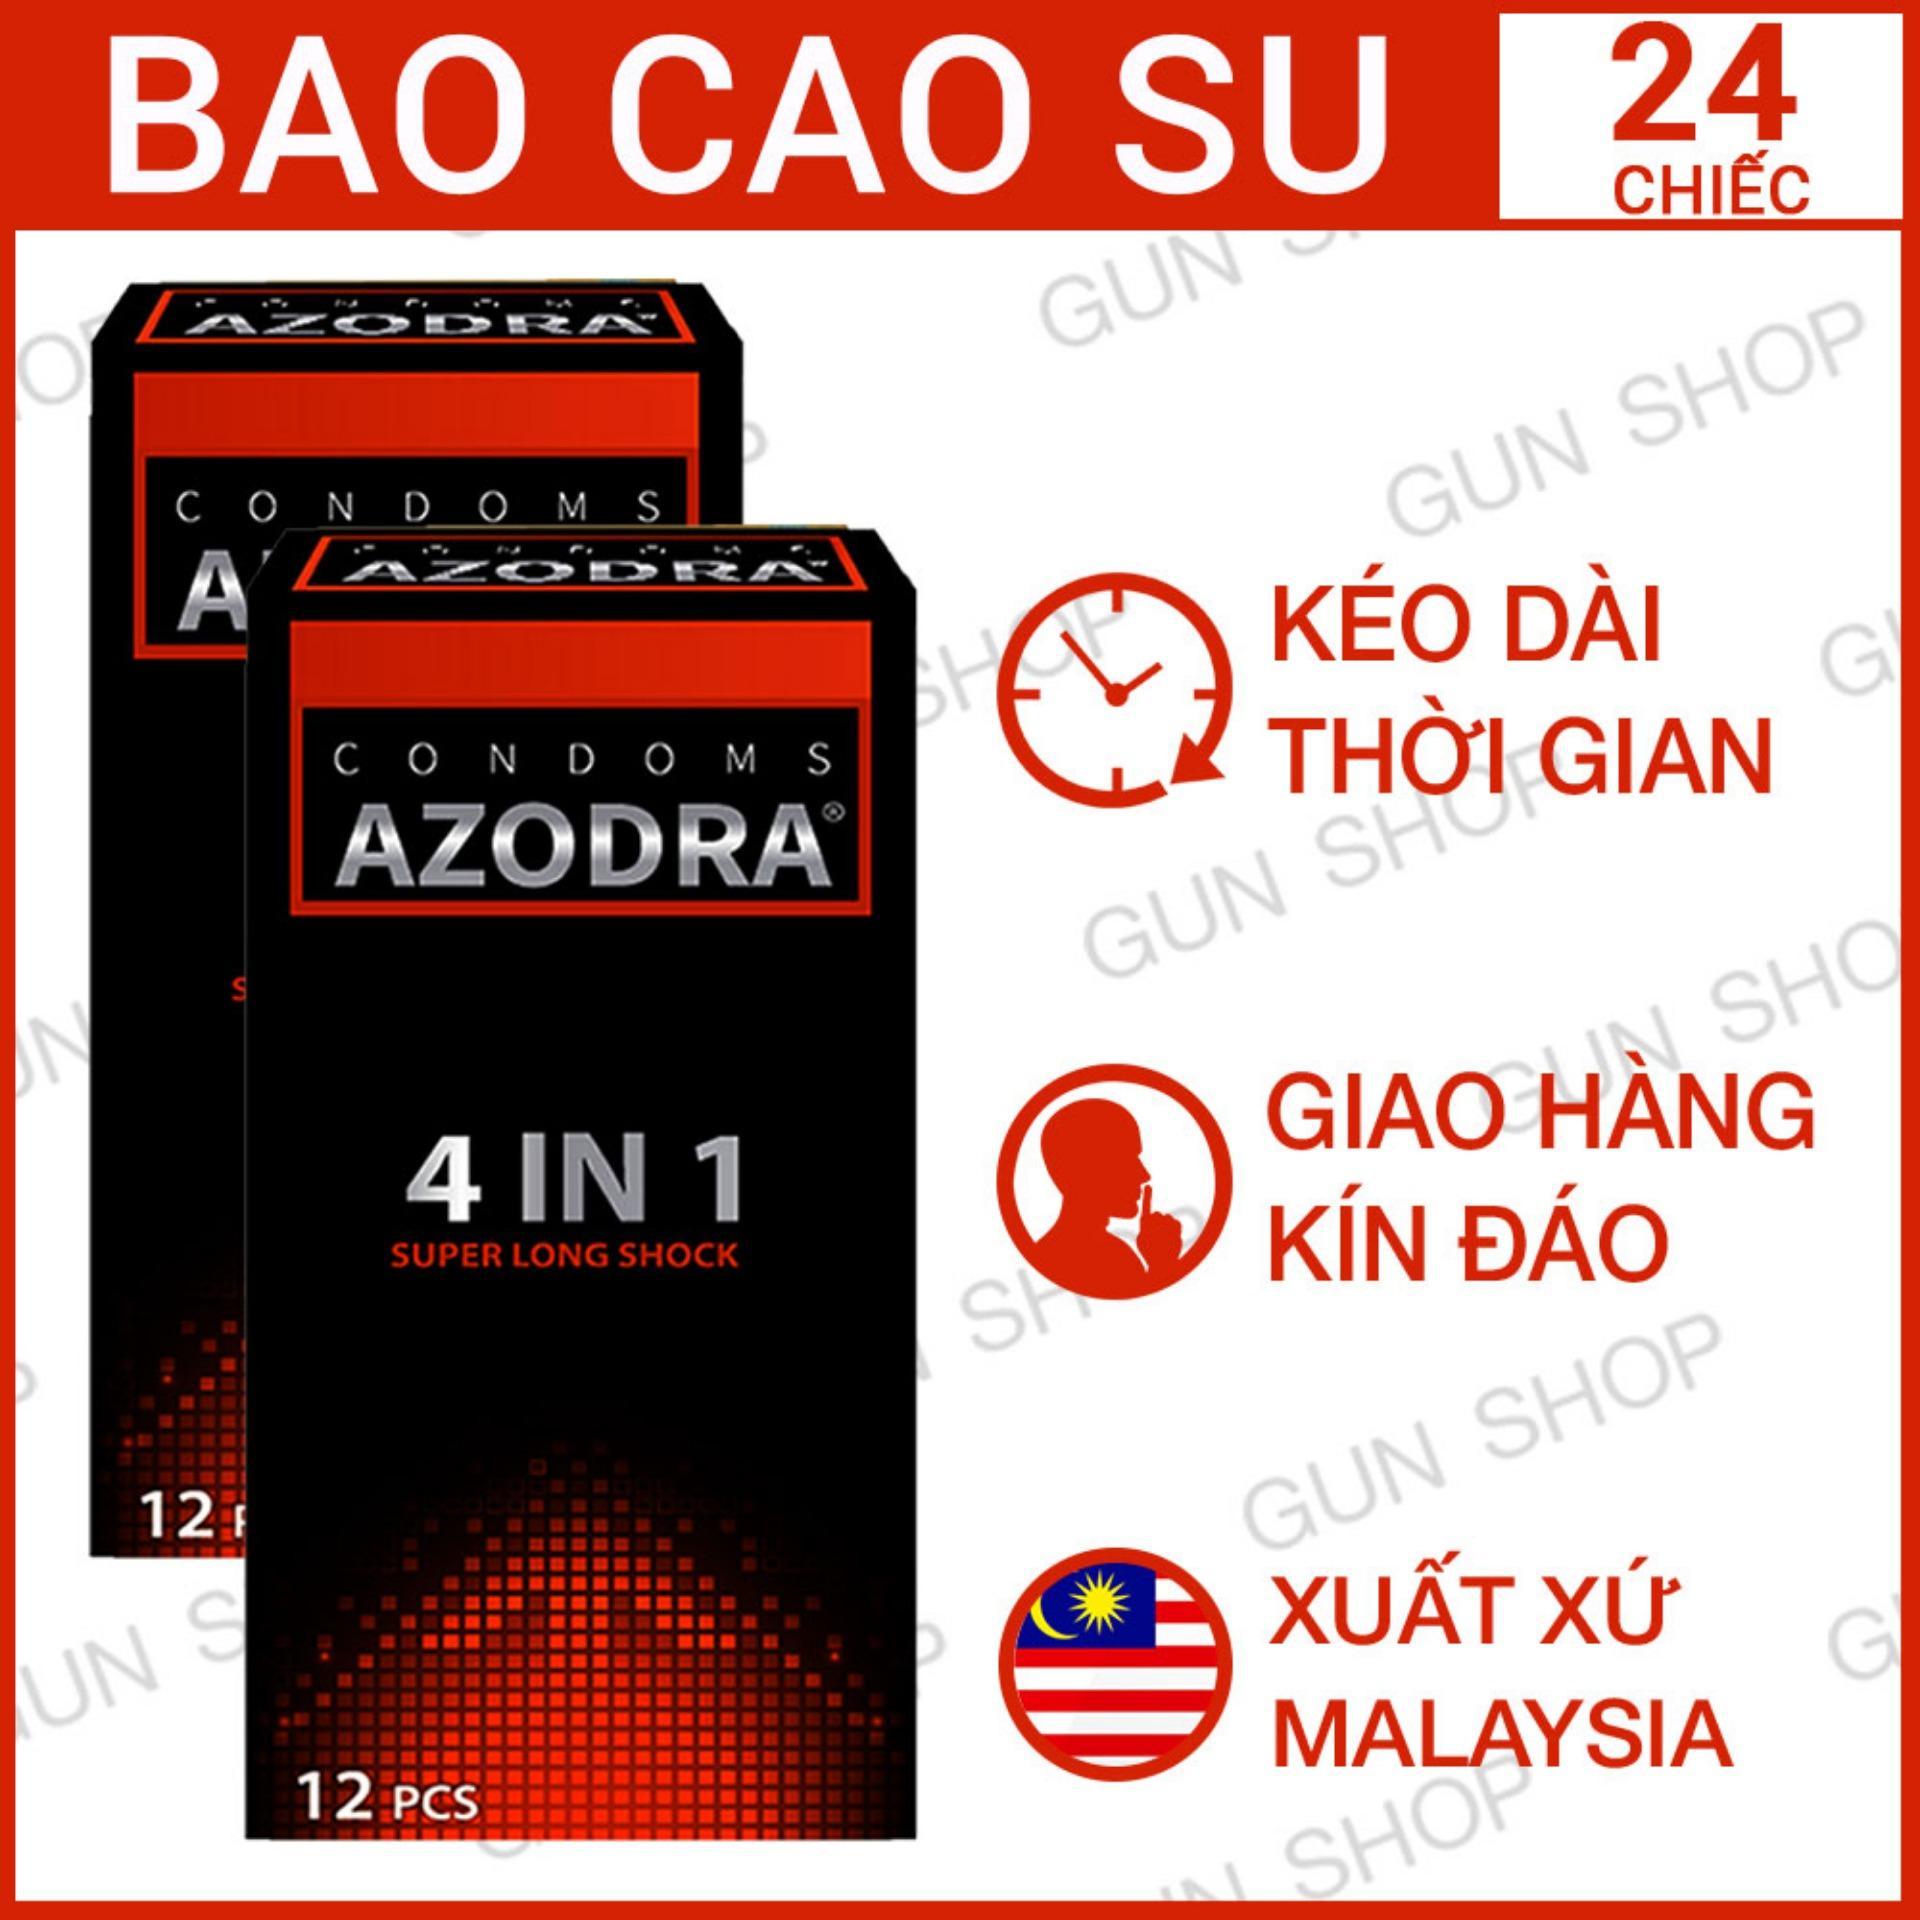 Bộ 2 (24 chiếc) Bao cao su Malaysia Azodra 4 in 1 Kéo Dài Thời Gian Quan Hệ Gân Gai - Gunshop nhập khẩu